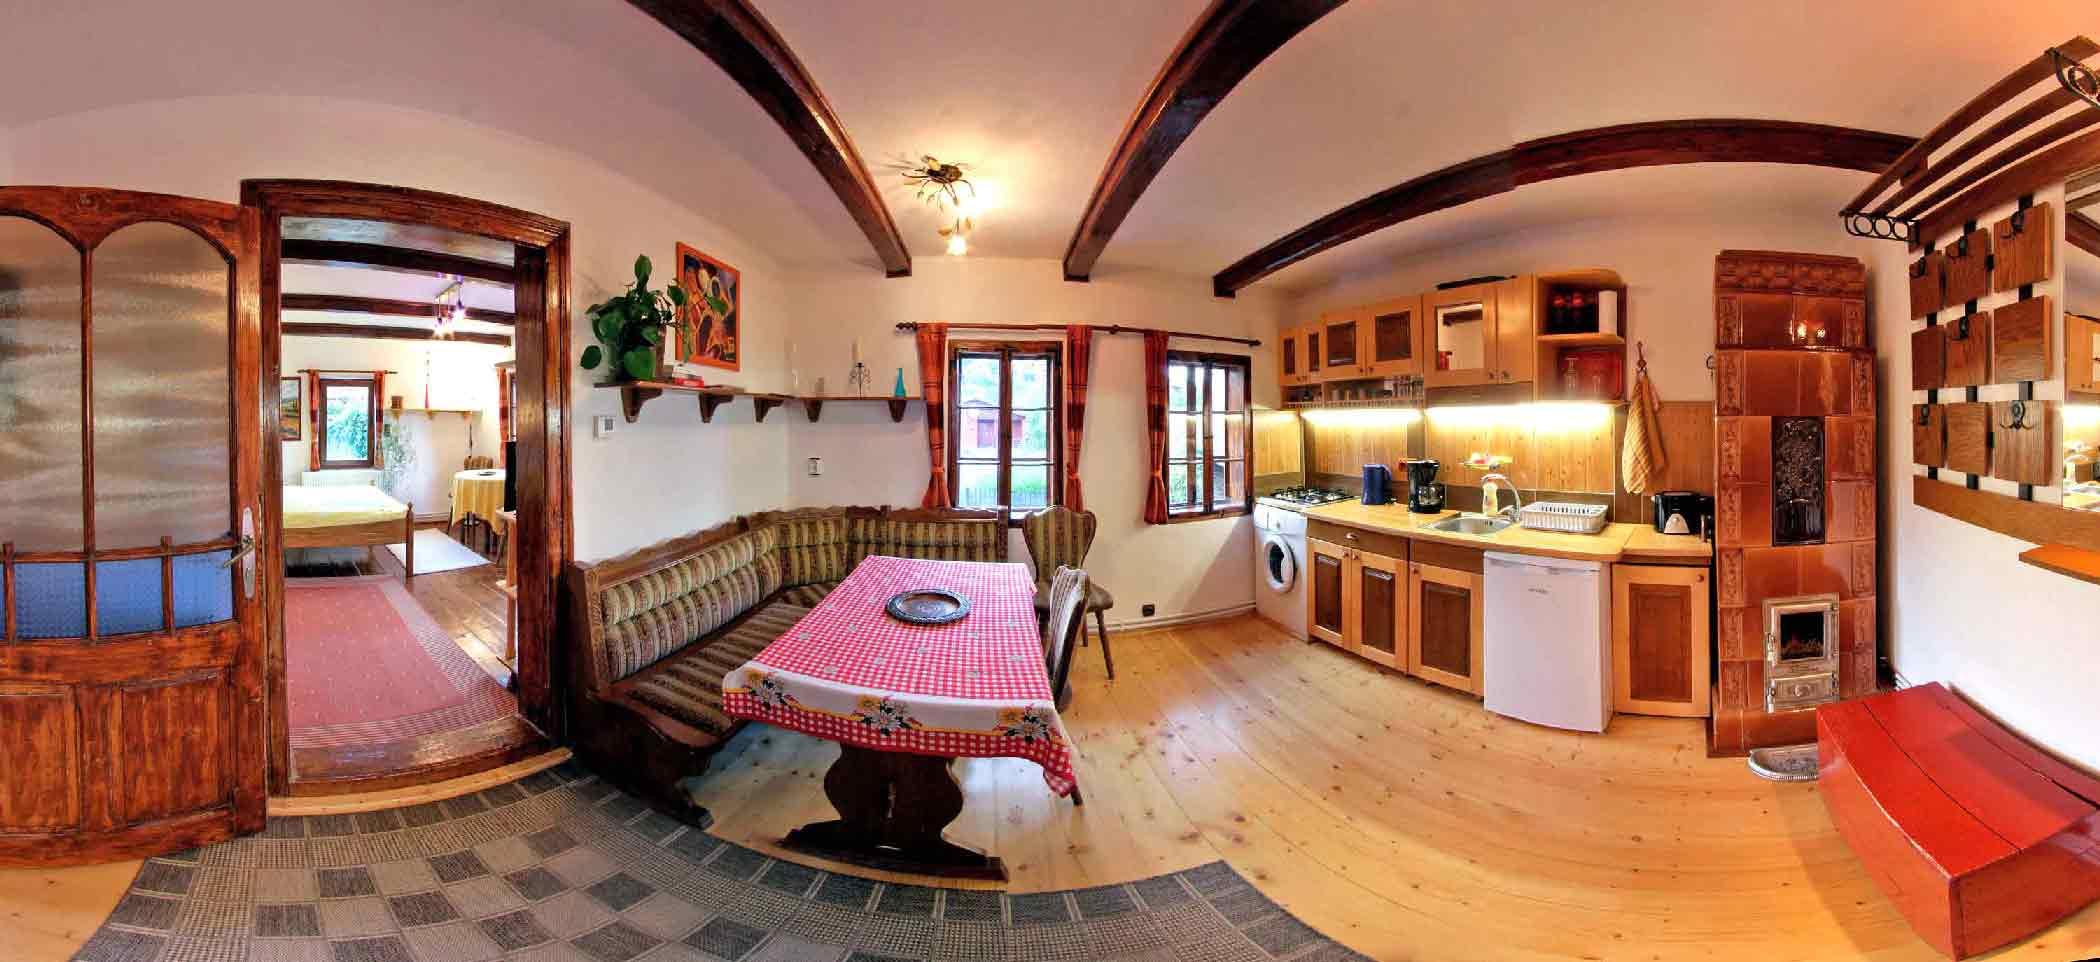 2-personen ferienwohnung in rumänien siebenbürgen